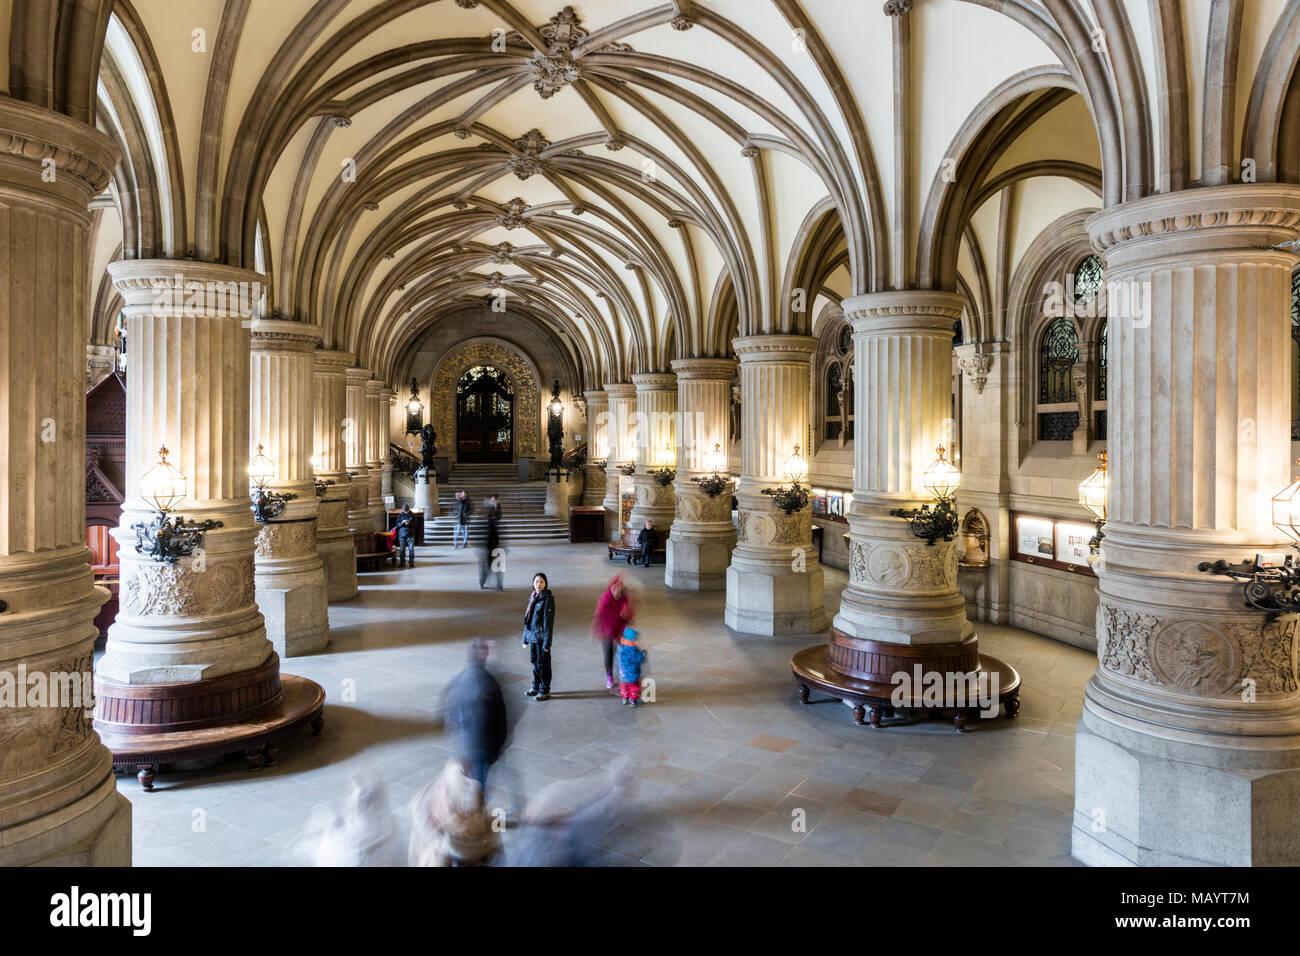 Hamburgo, Alemania. En el interior, el vestíbulo del Ayuntamiento de Hamburgo (Hamburger Rathaus), sede del gobierno local de la Ciudad Libre y Hanseática de Hamburgo Foto de stock